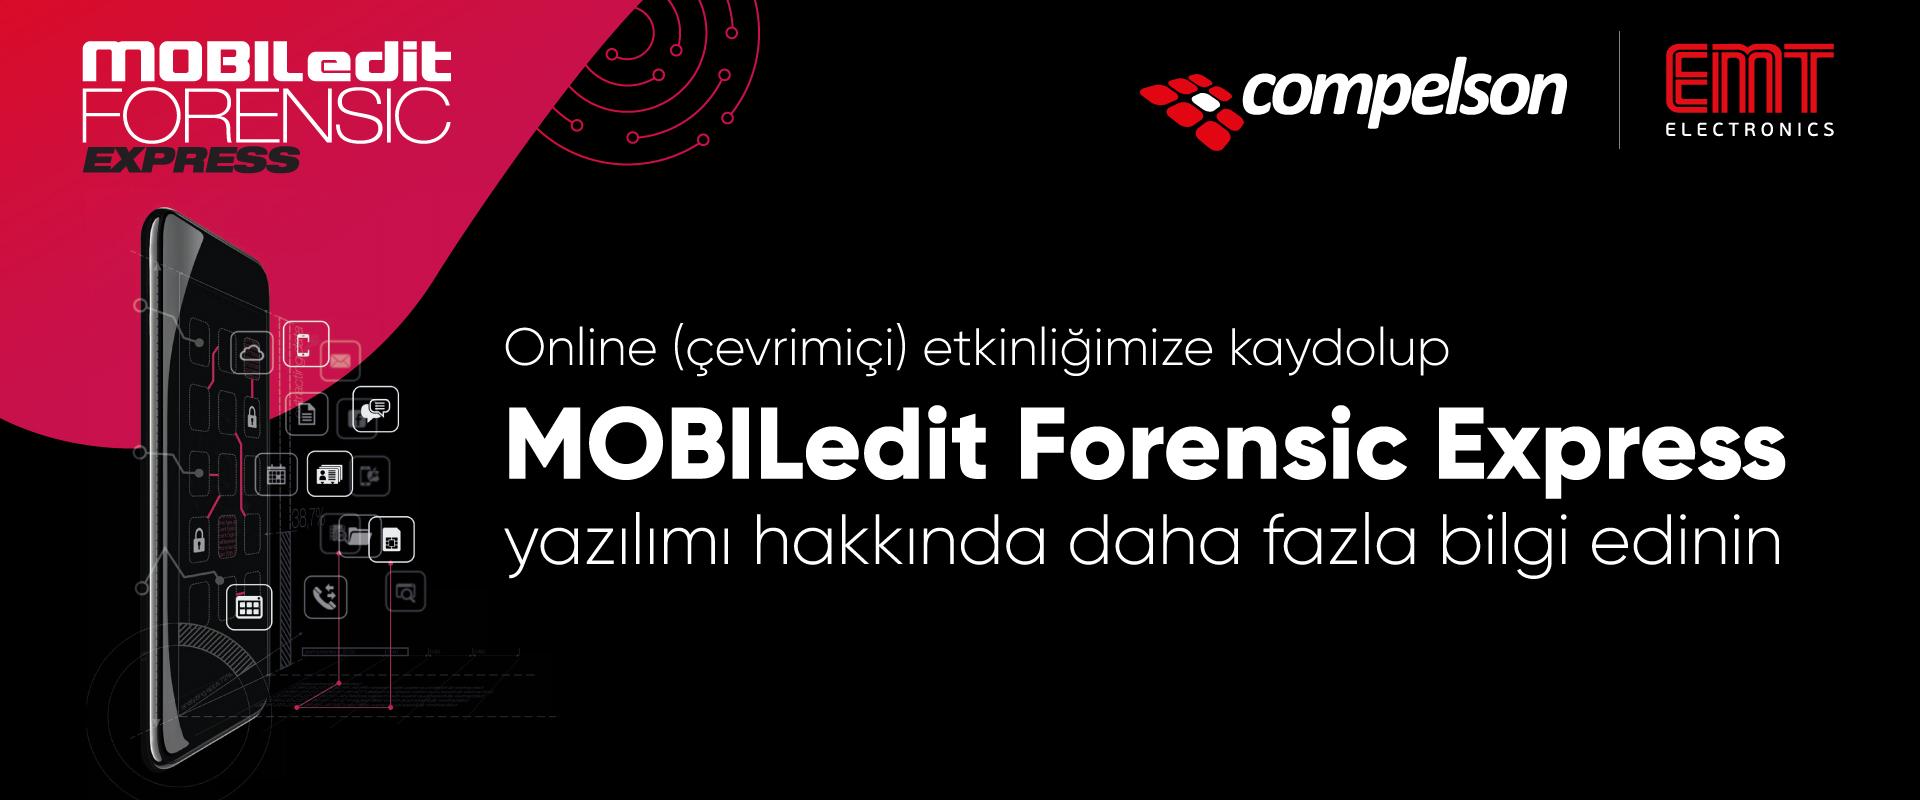 MOBILedit Çevrimiçi Etkinliği